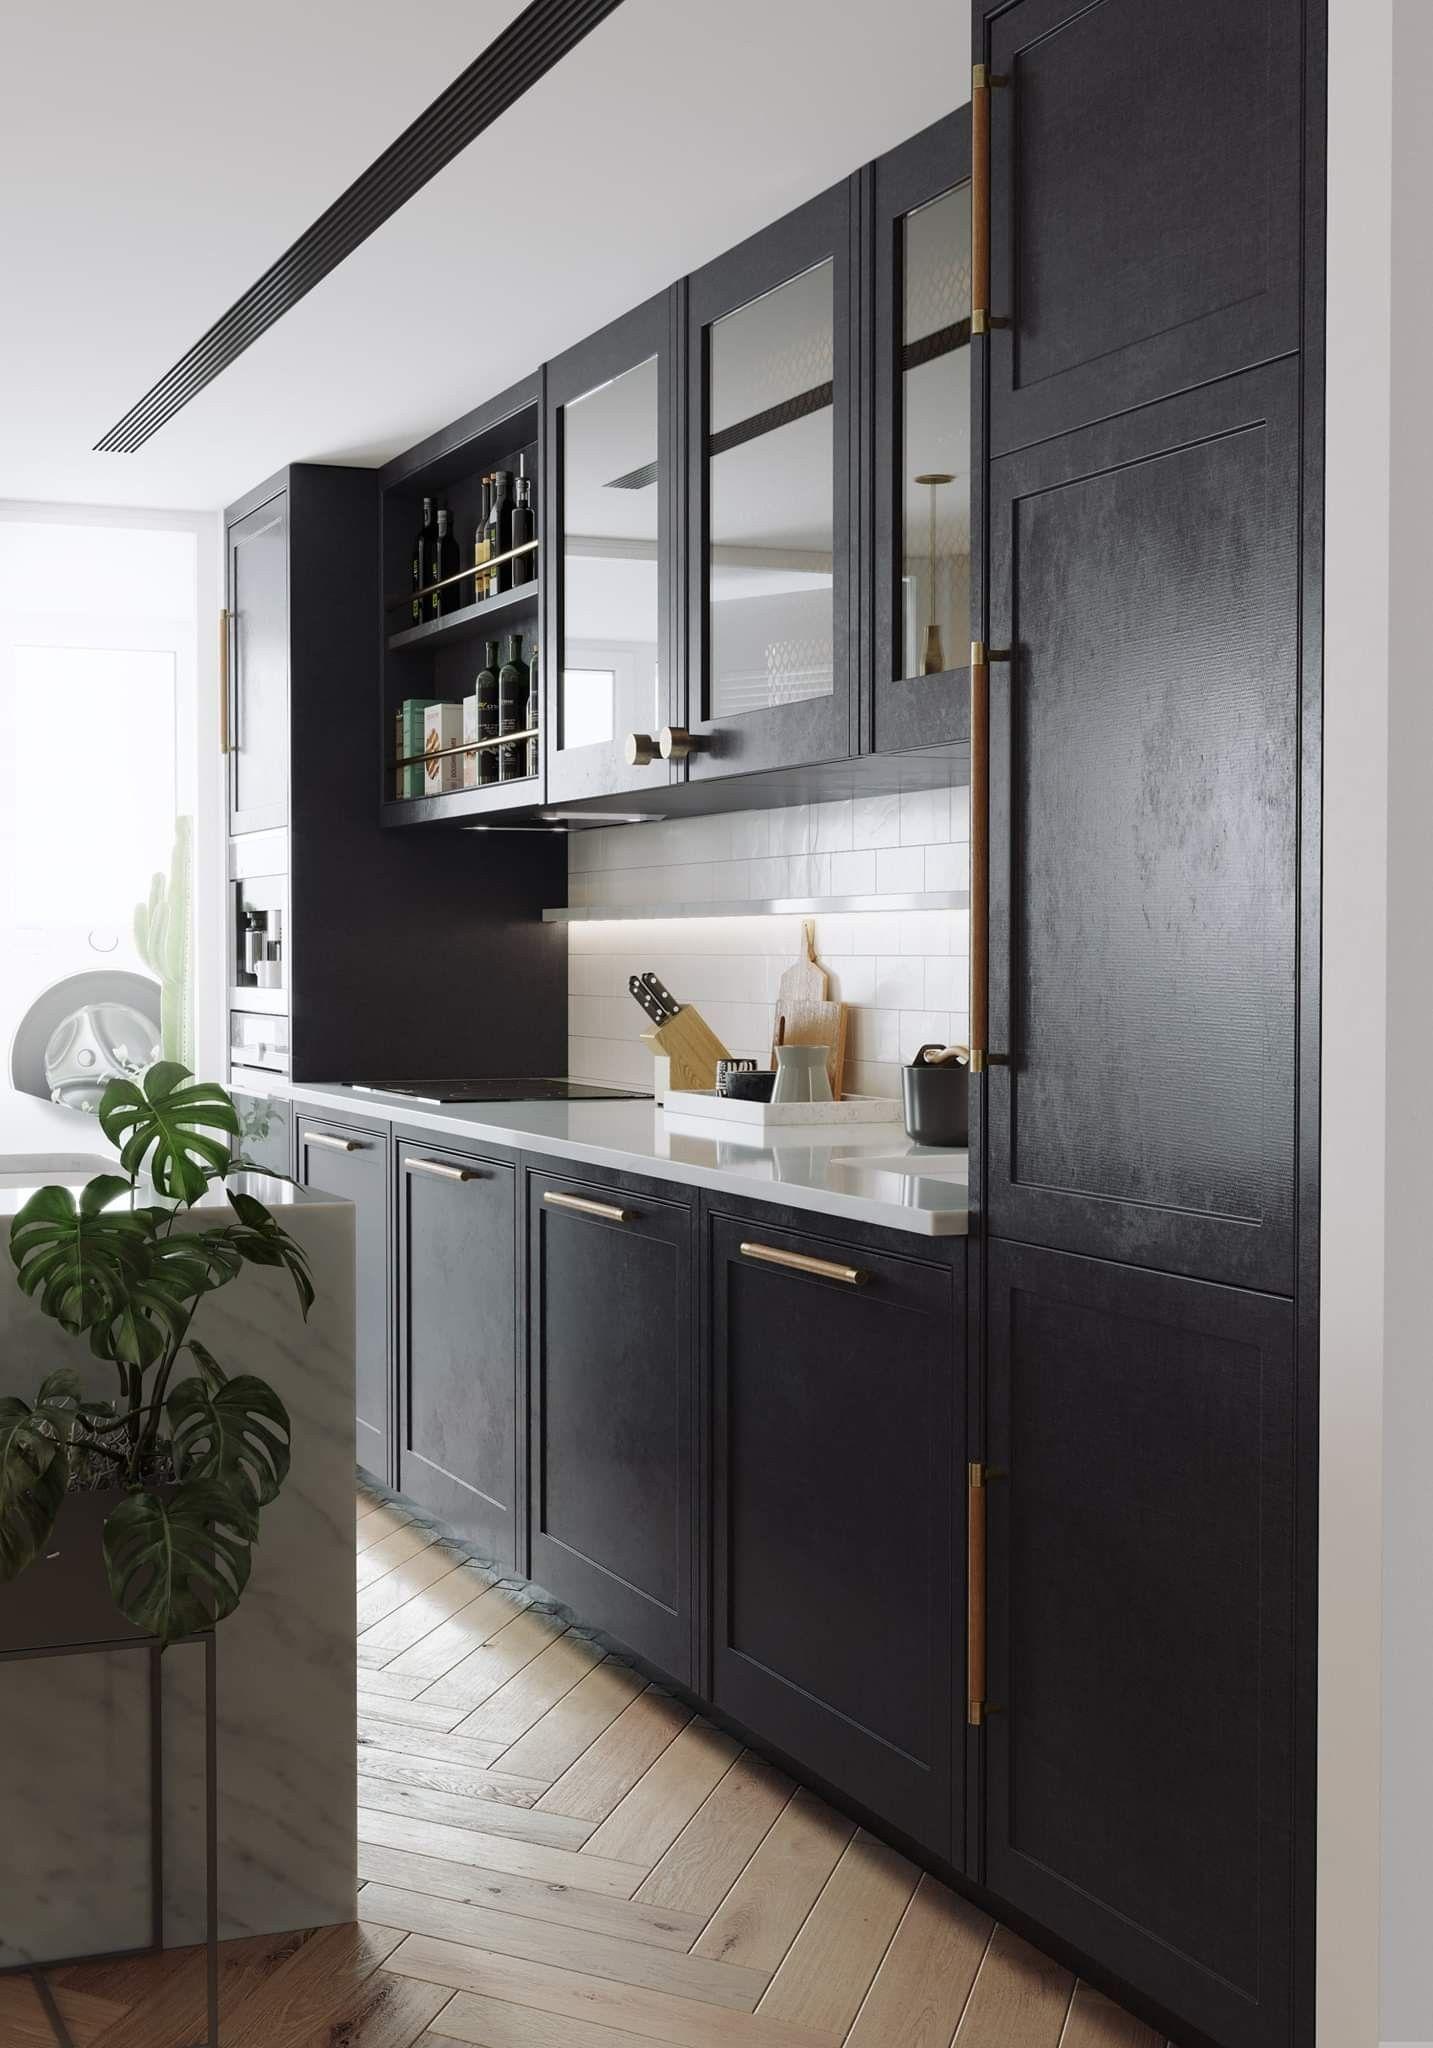 Pin By Tareq Kayyali On Decor Kitchen Cabinets Decor Home